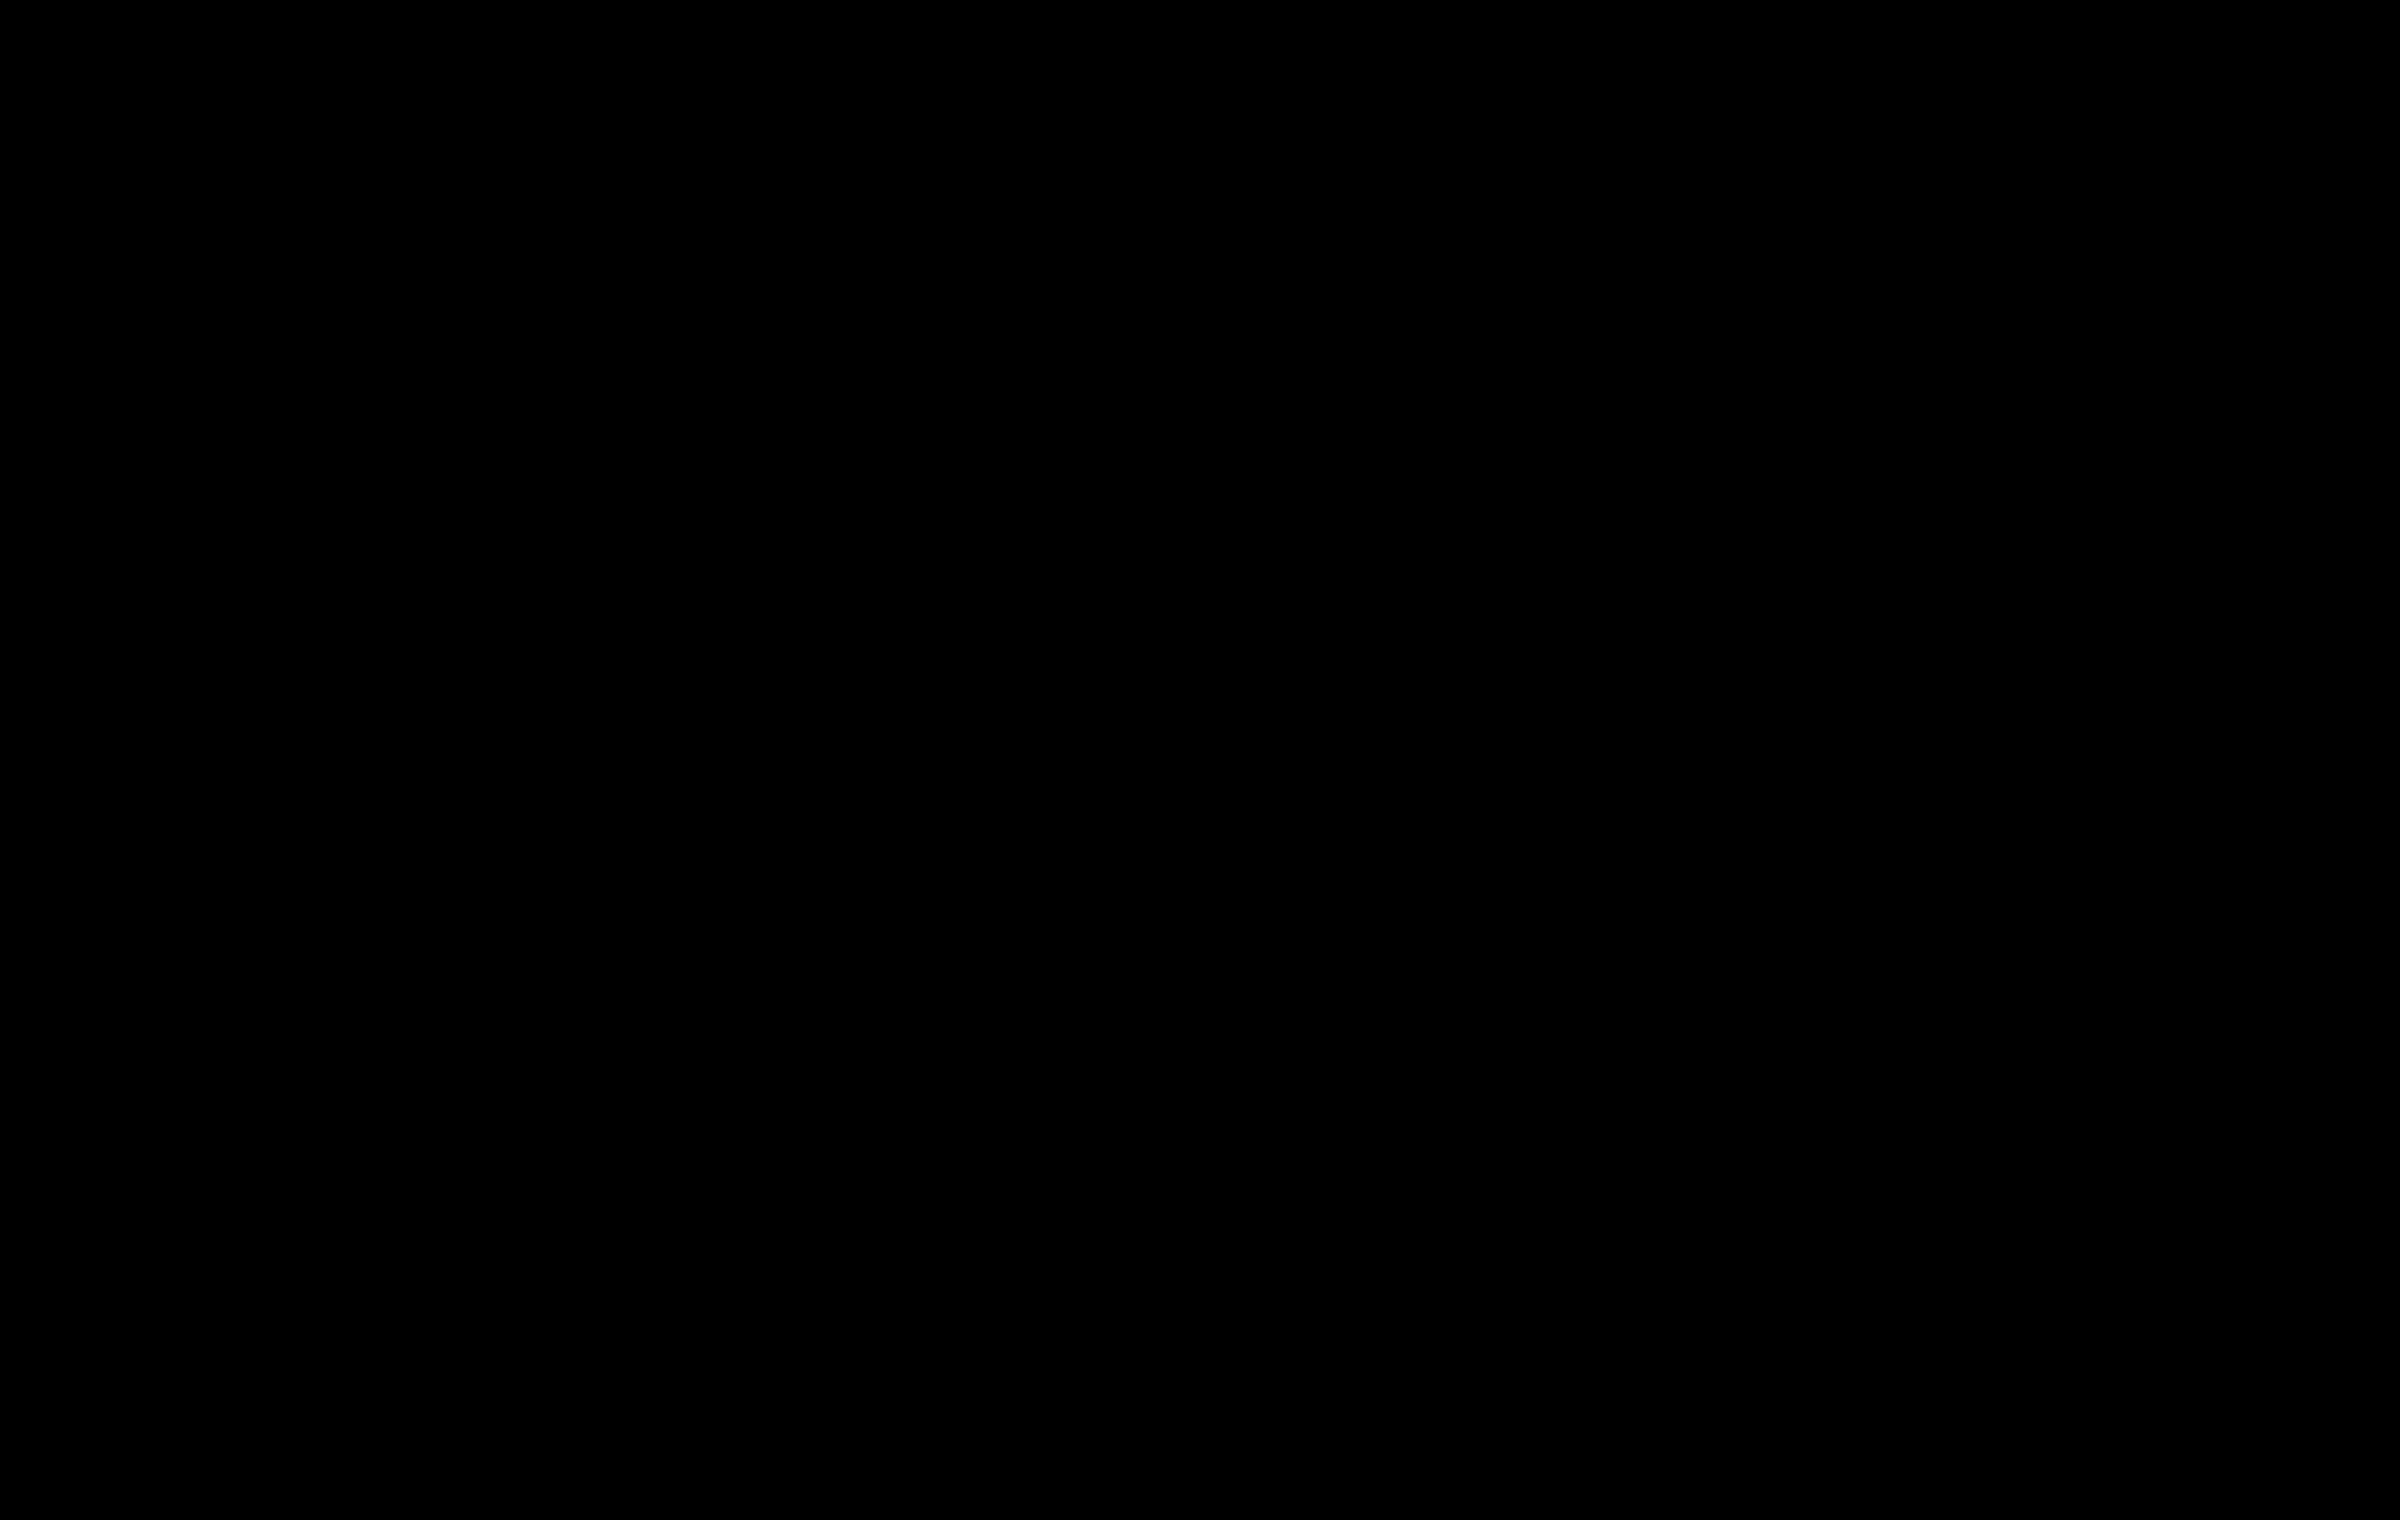 Car suspension clipart graphic Clipart - volvo 343 variomatic suspension graphic